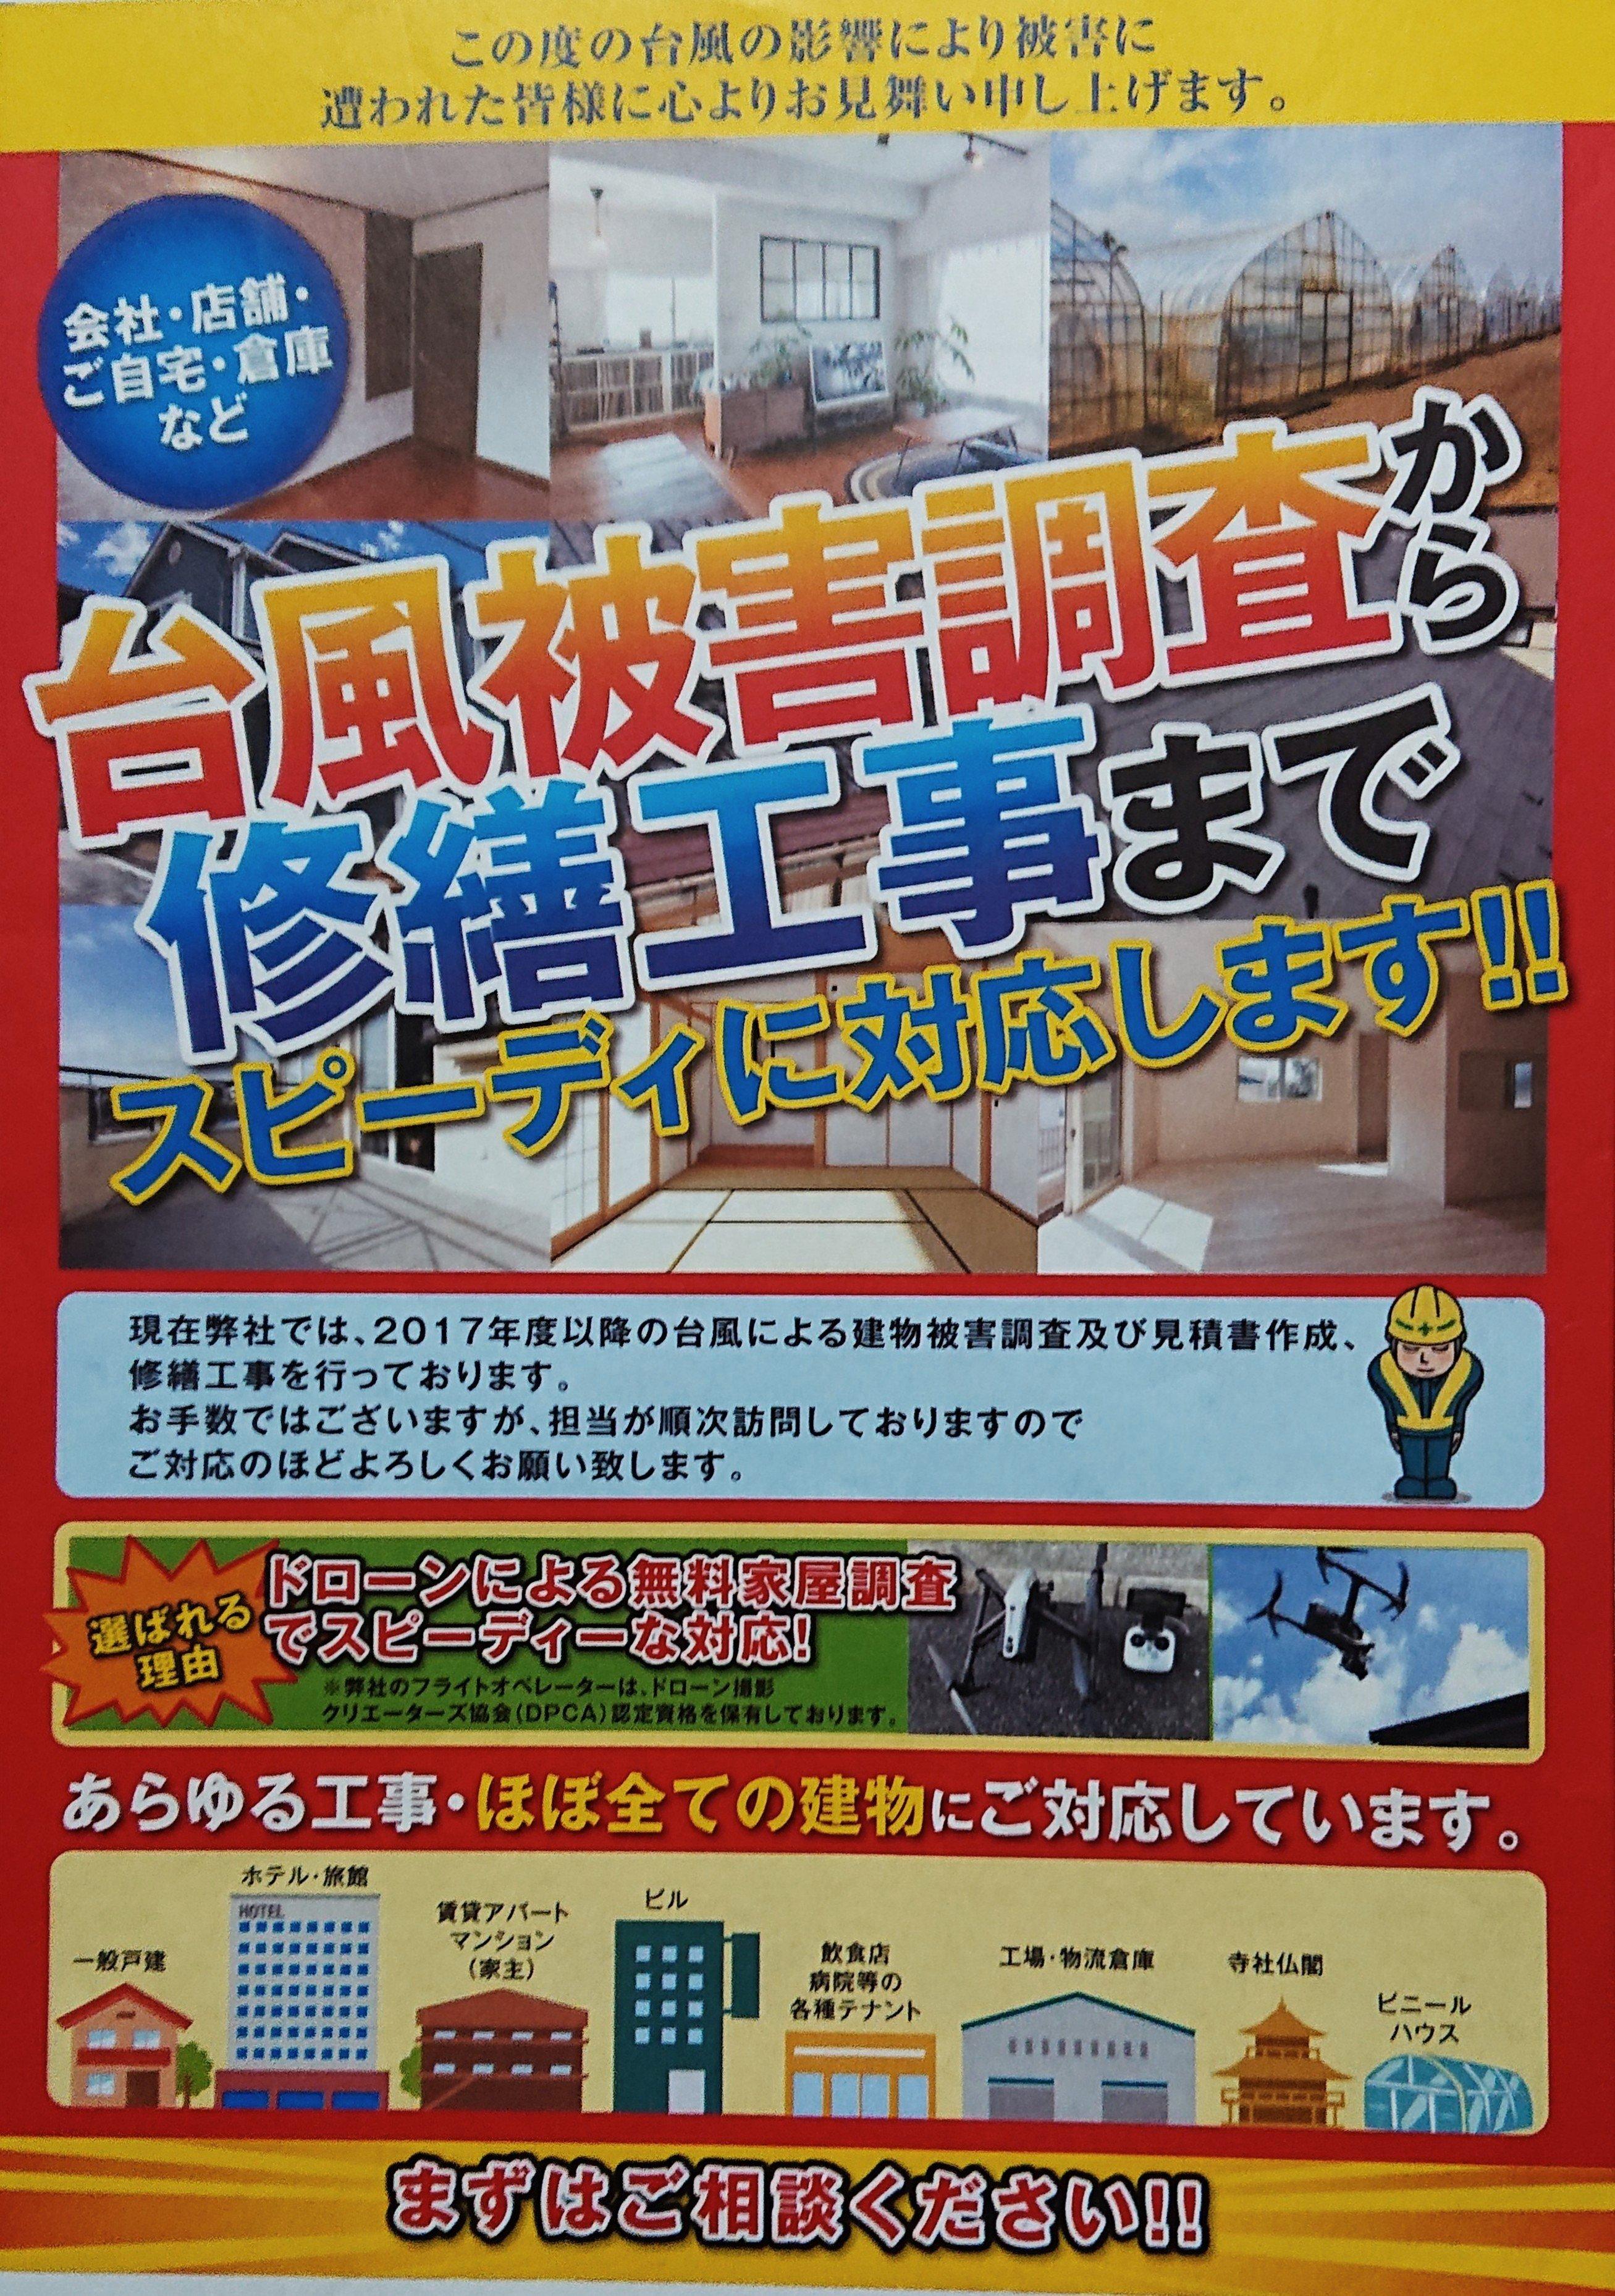 火災 地震保険 給付申請 受付 チケットのイメージその1